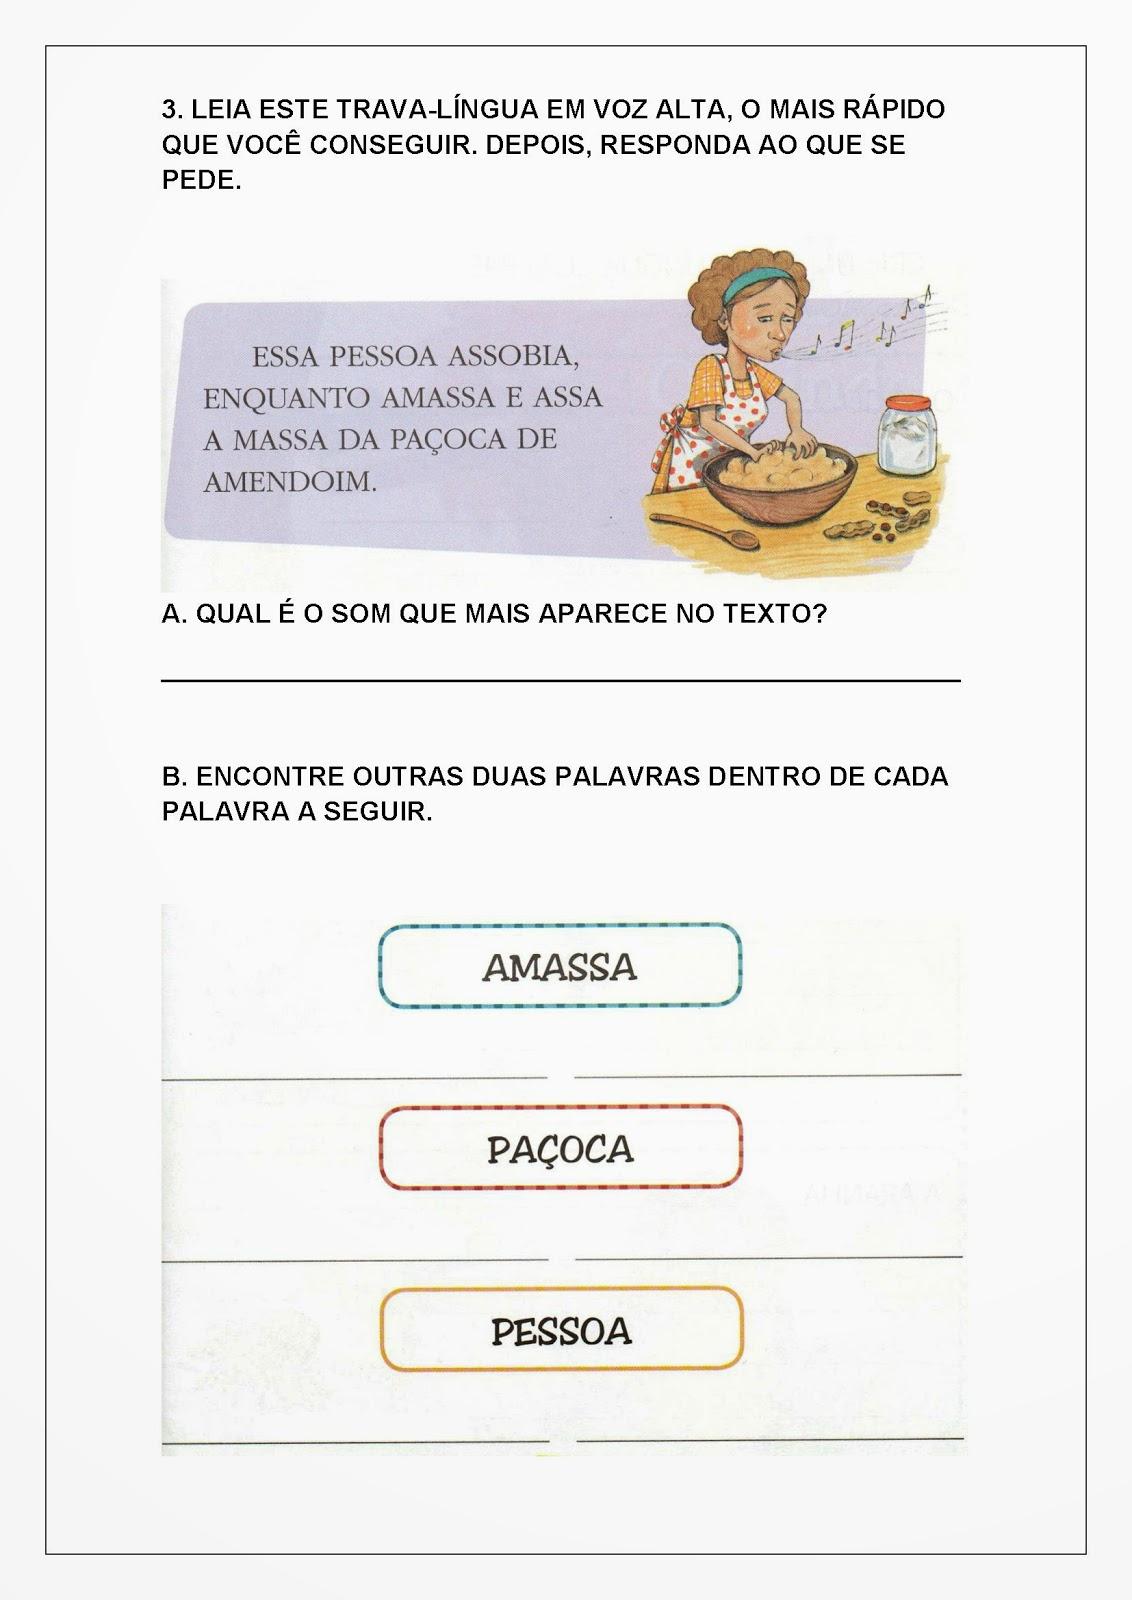 Atividades de Alfabetização para Imprimir - Trava-língua